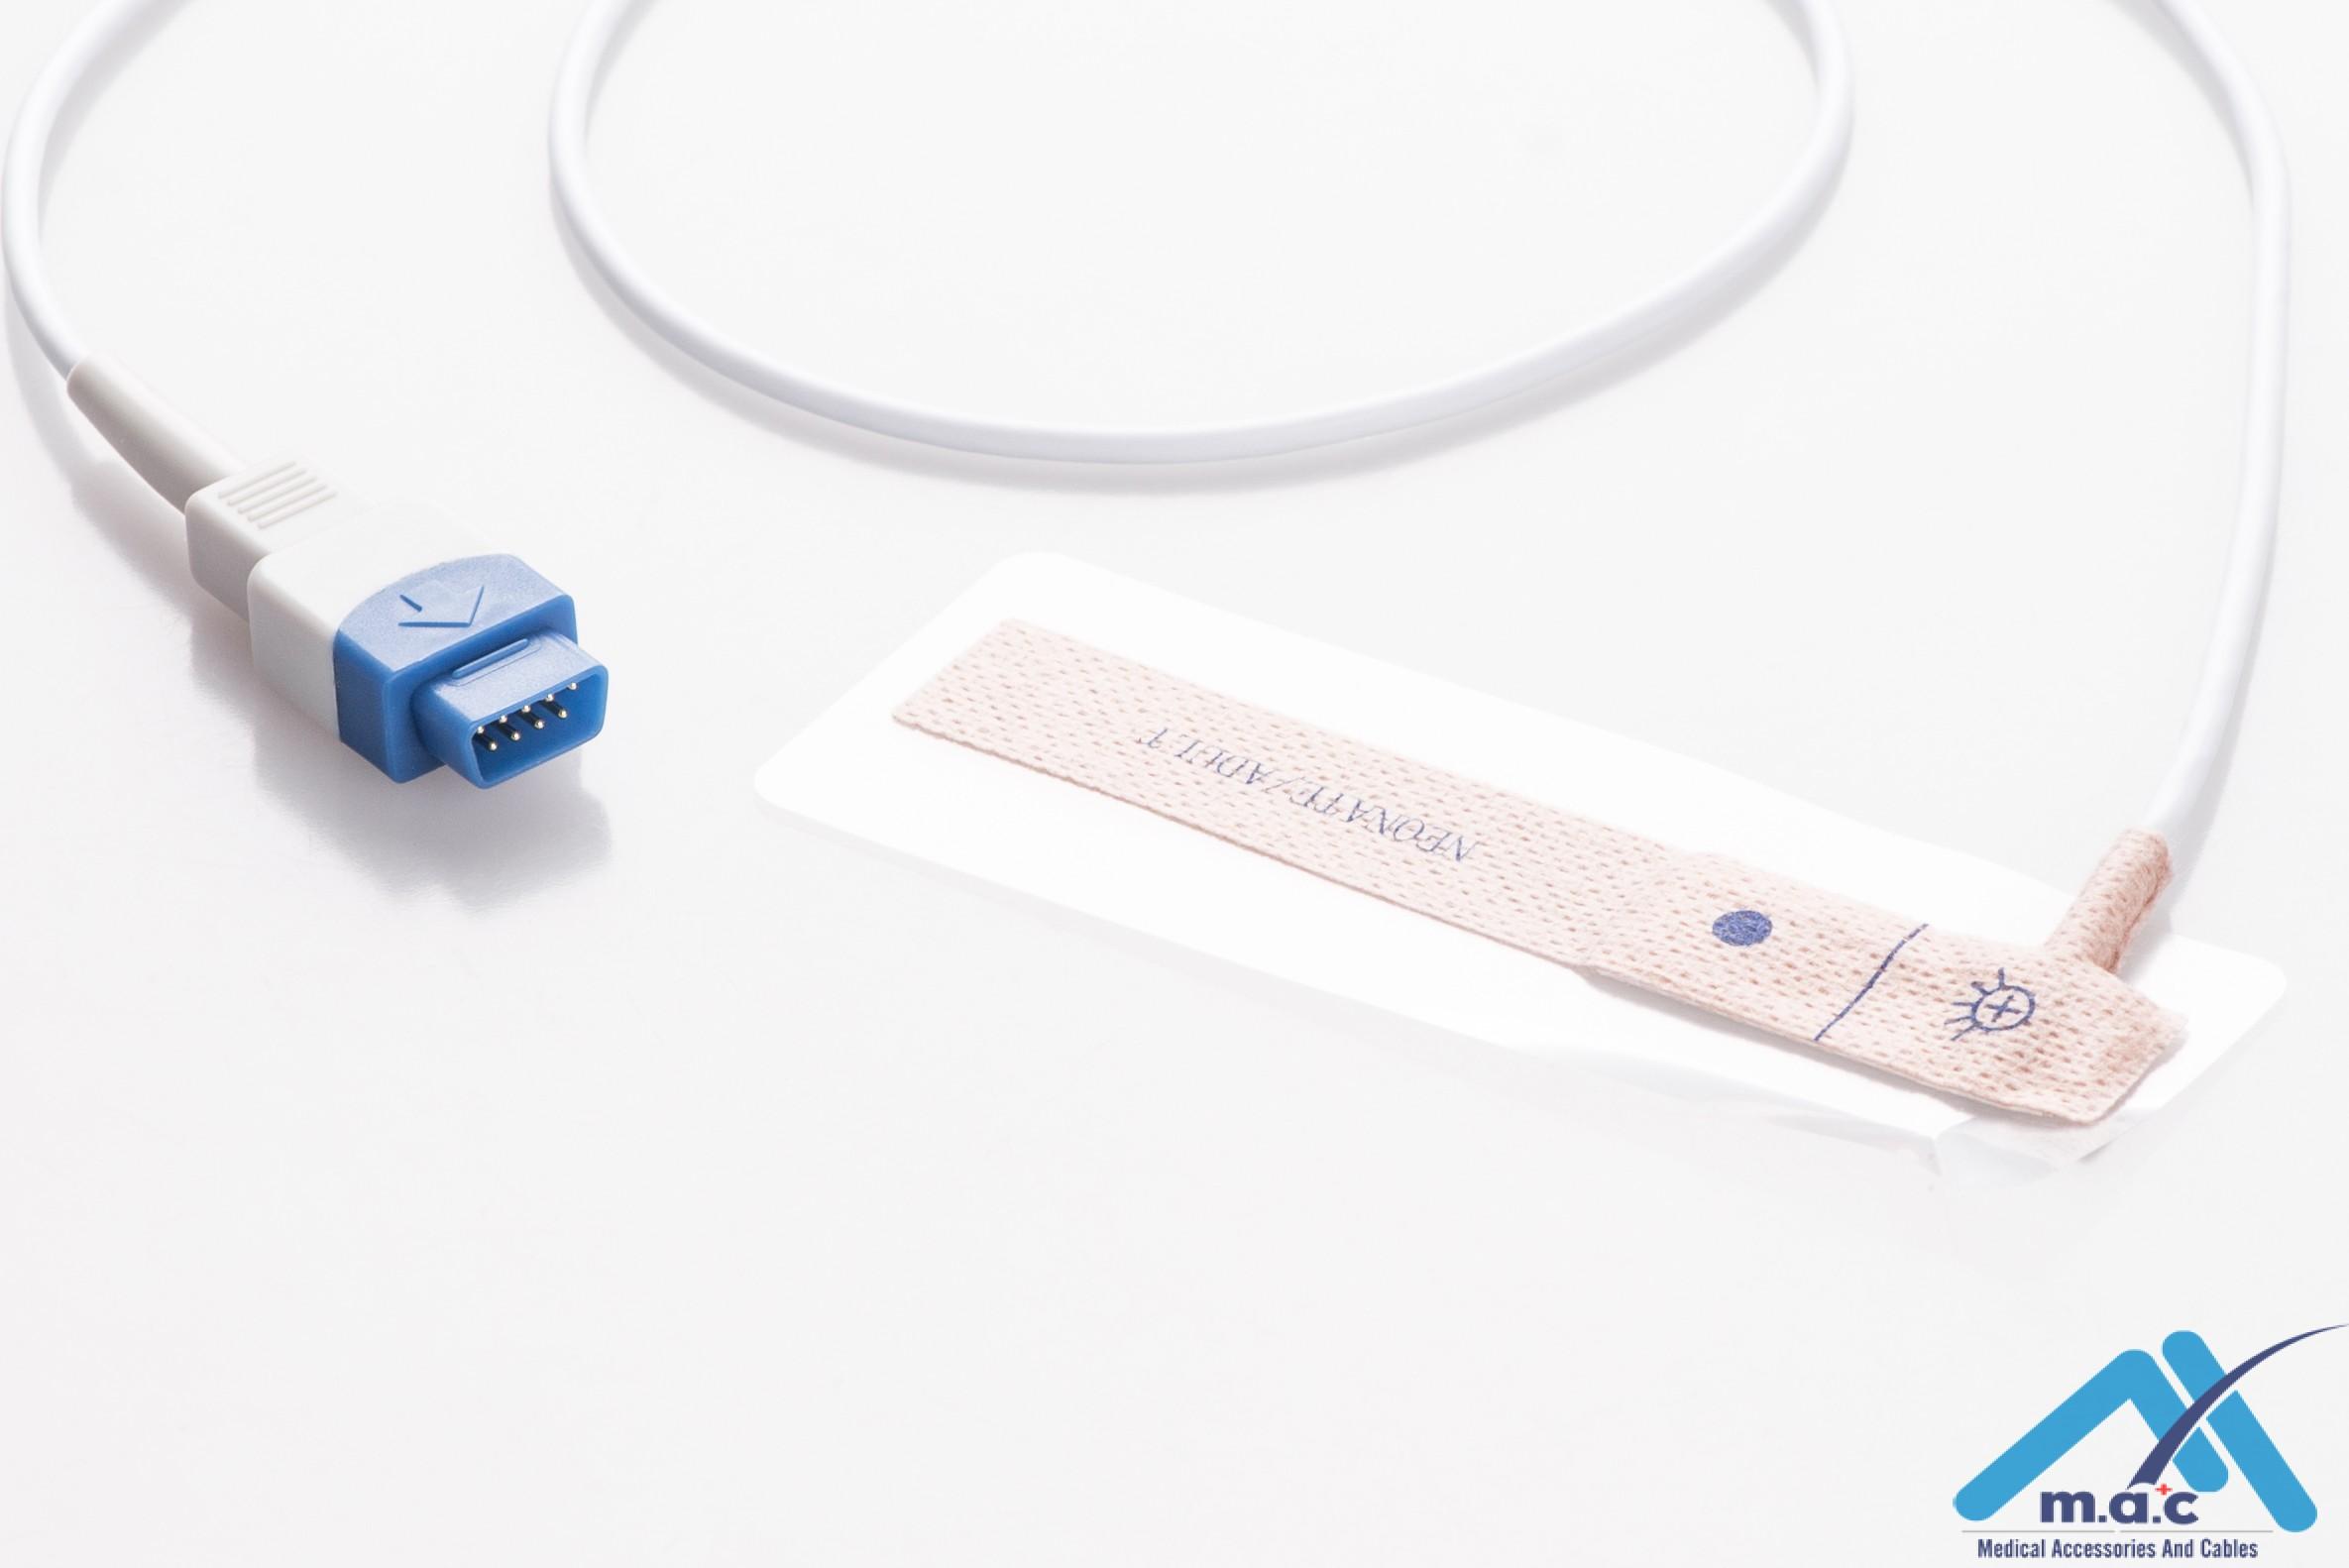 GE Healthcare - Datex - Ohmeda Disposable Spo2 Sensor U5M43-117 N5M43-117